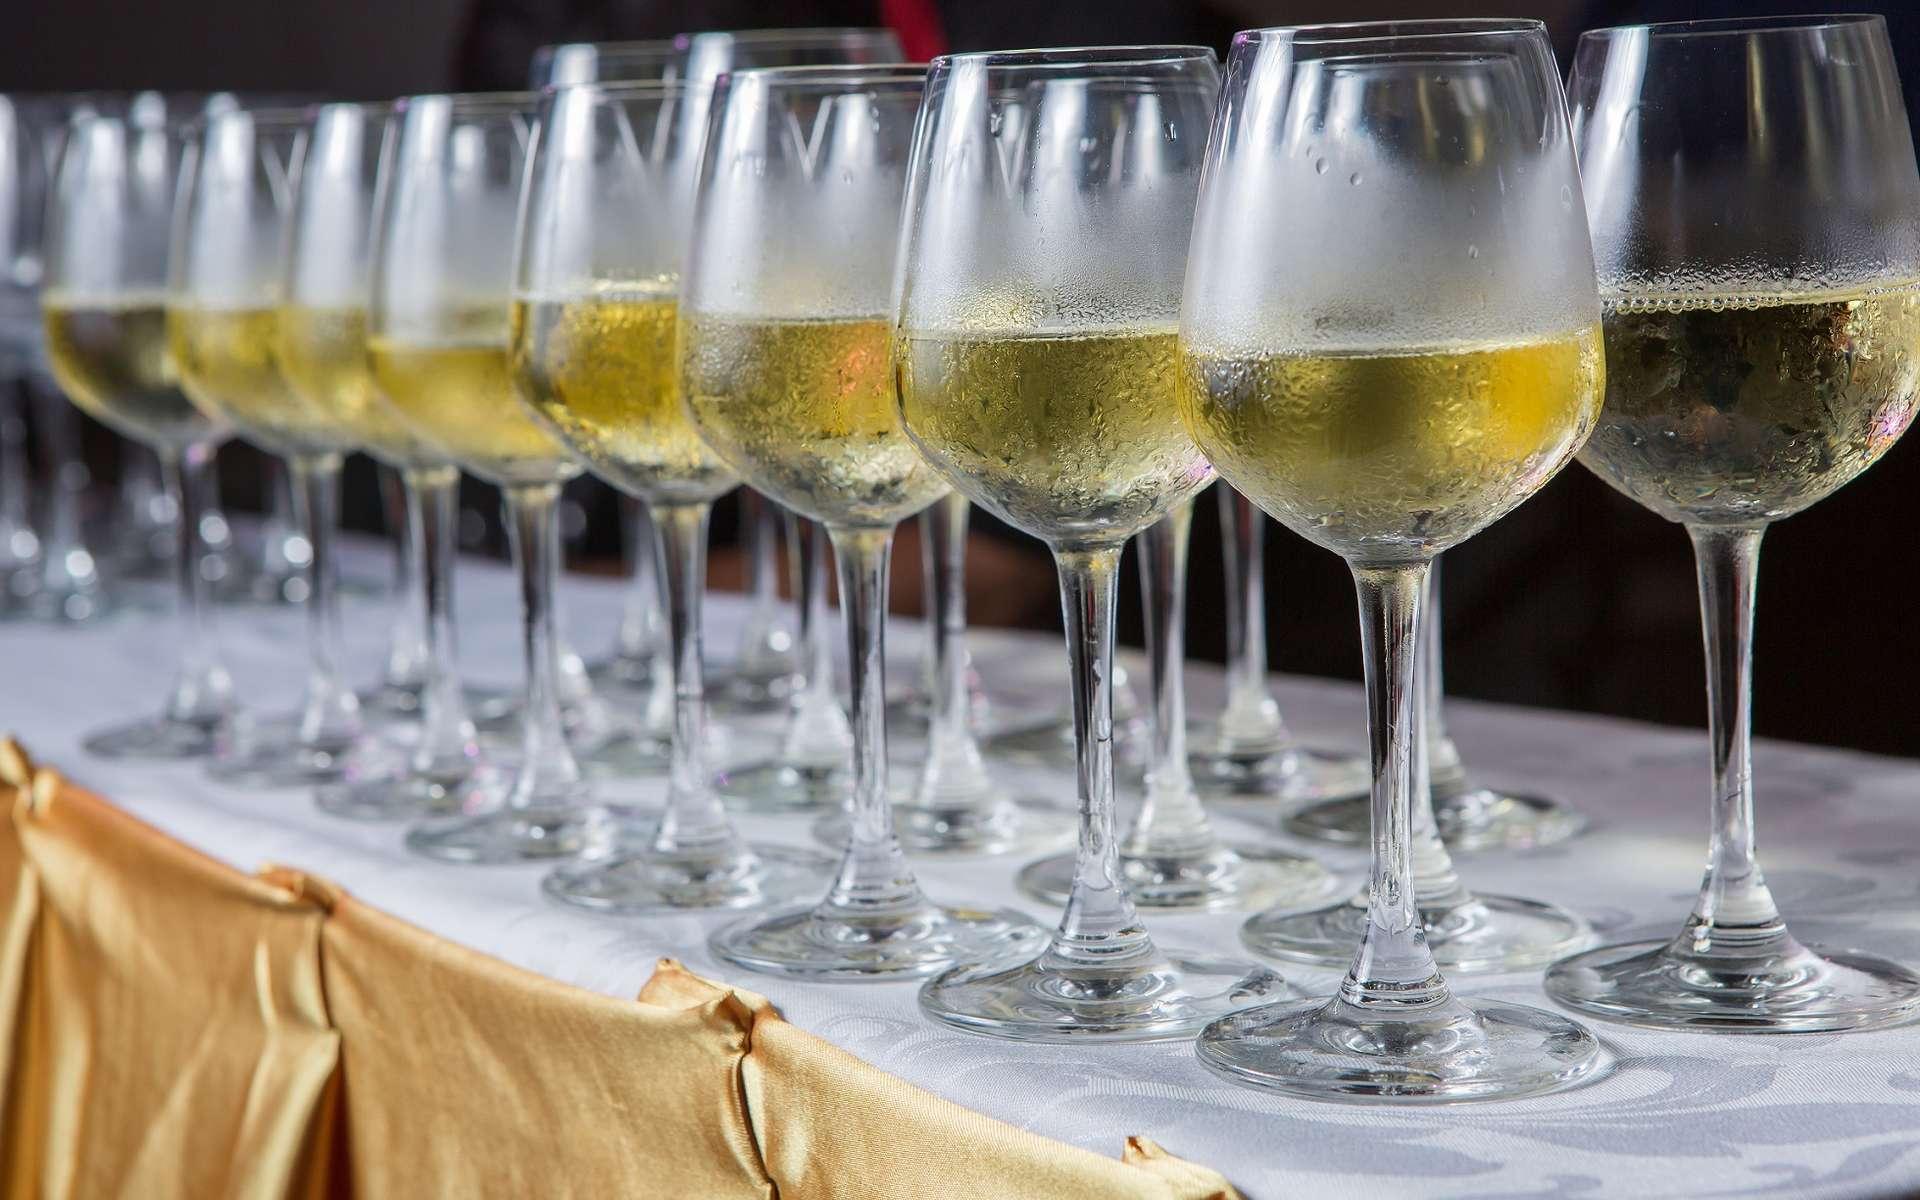 L'eau transformée en « vin » ne tiendrait pas toutes ses promesses. Les viticulteurs n'ont pas trop d'inquiétudes à avoir pour l'instant. © monofaction, Shutterstock